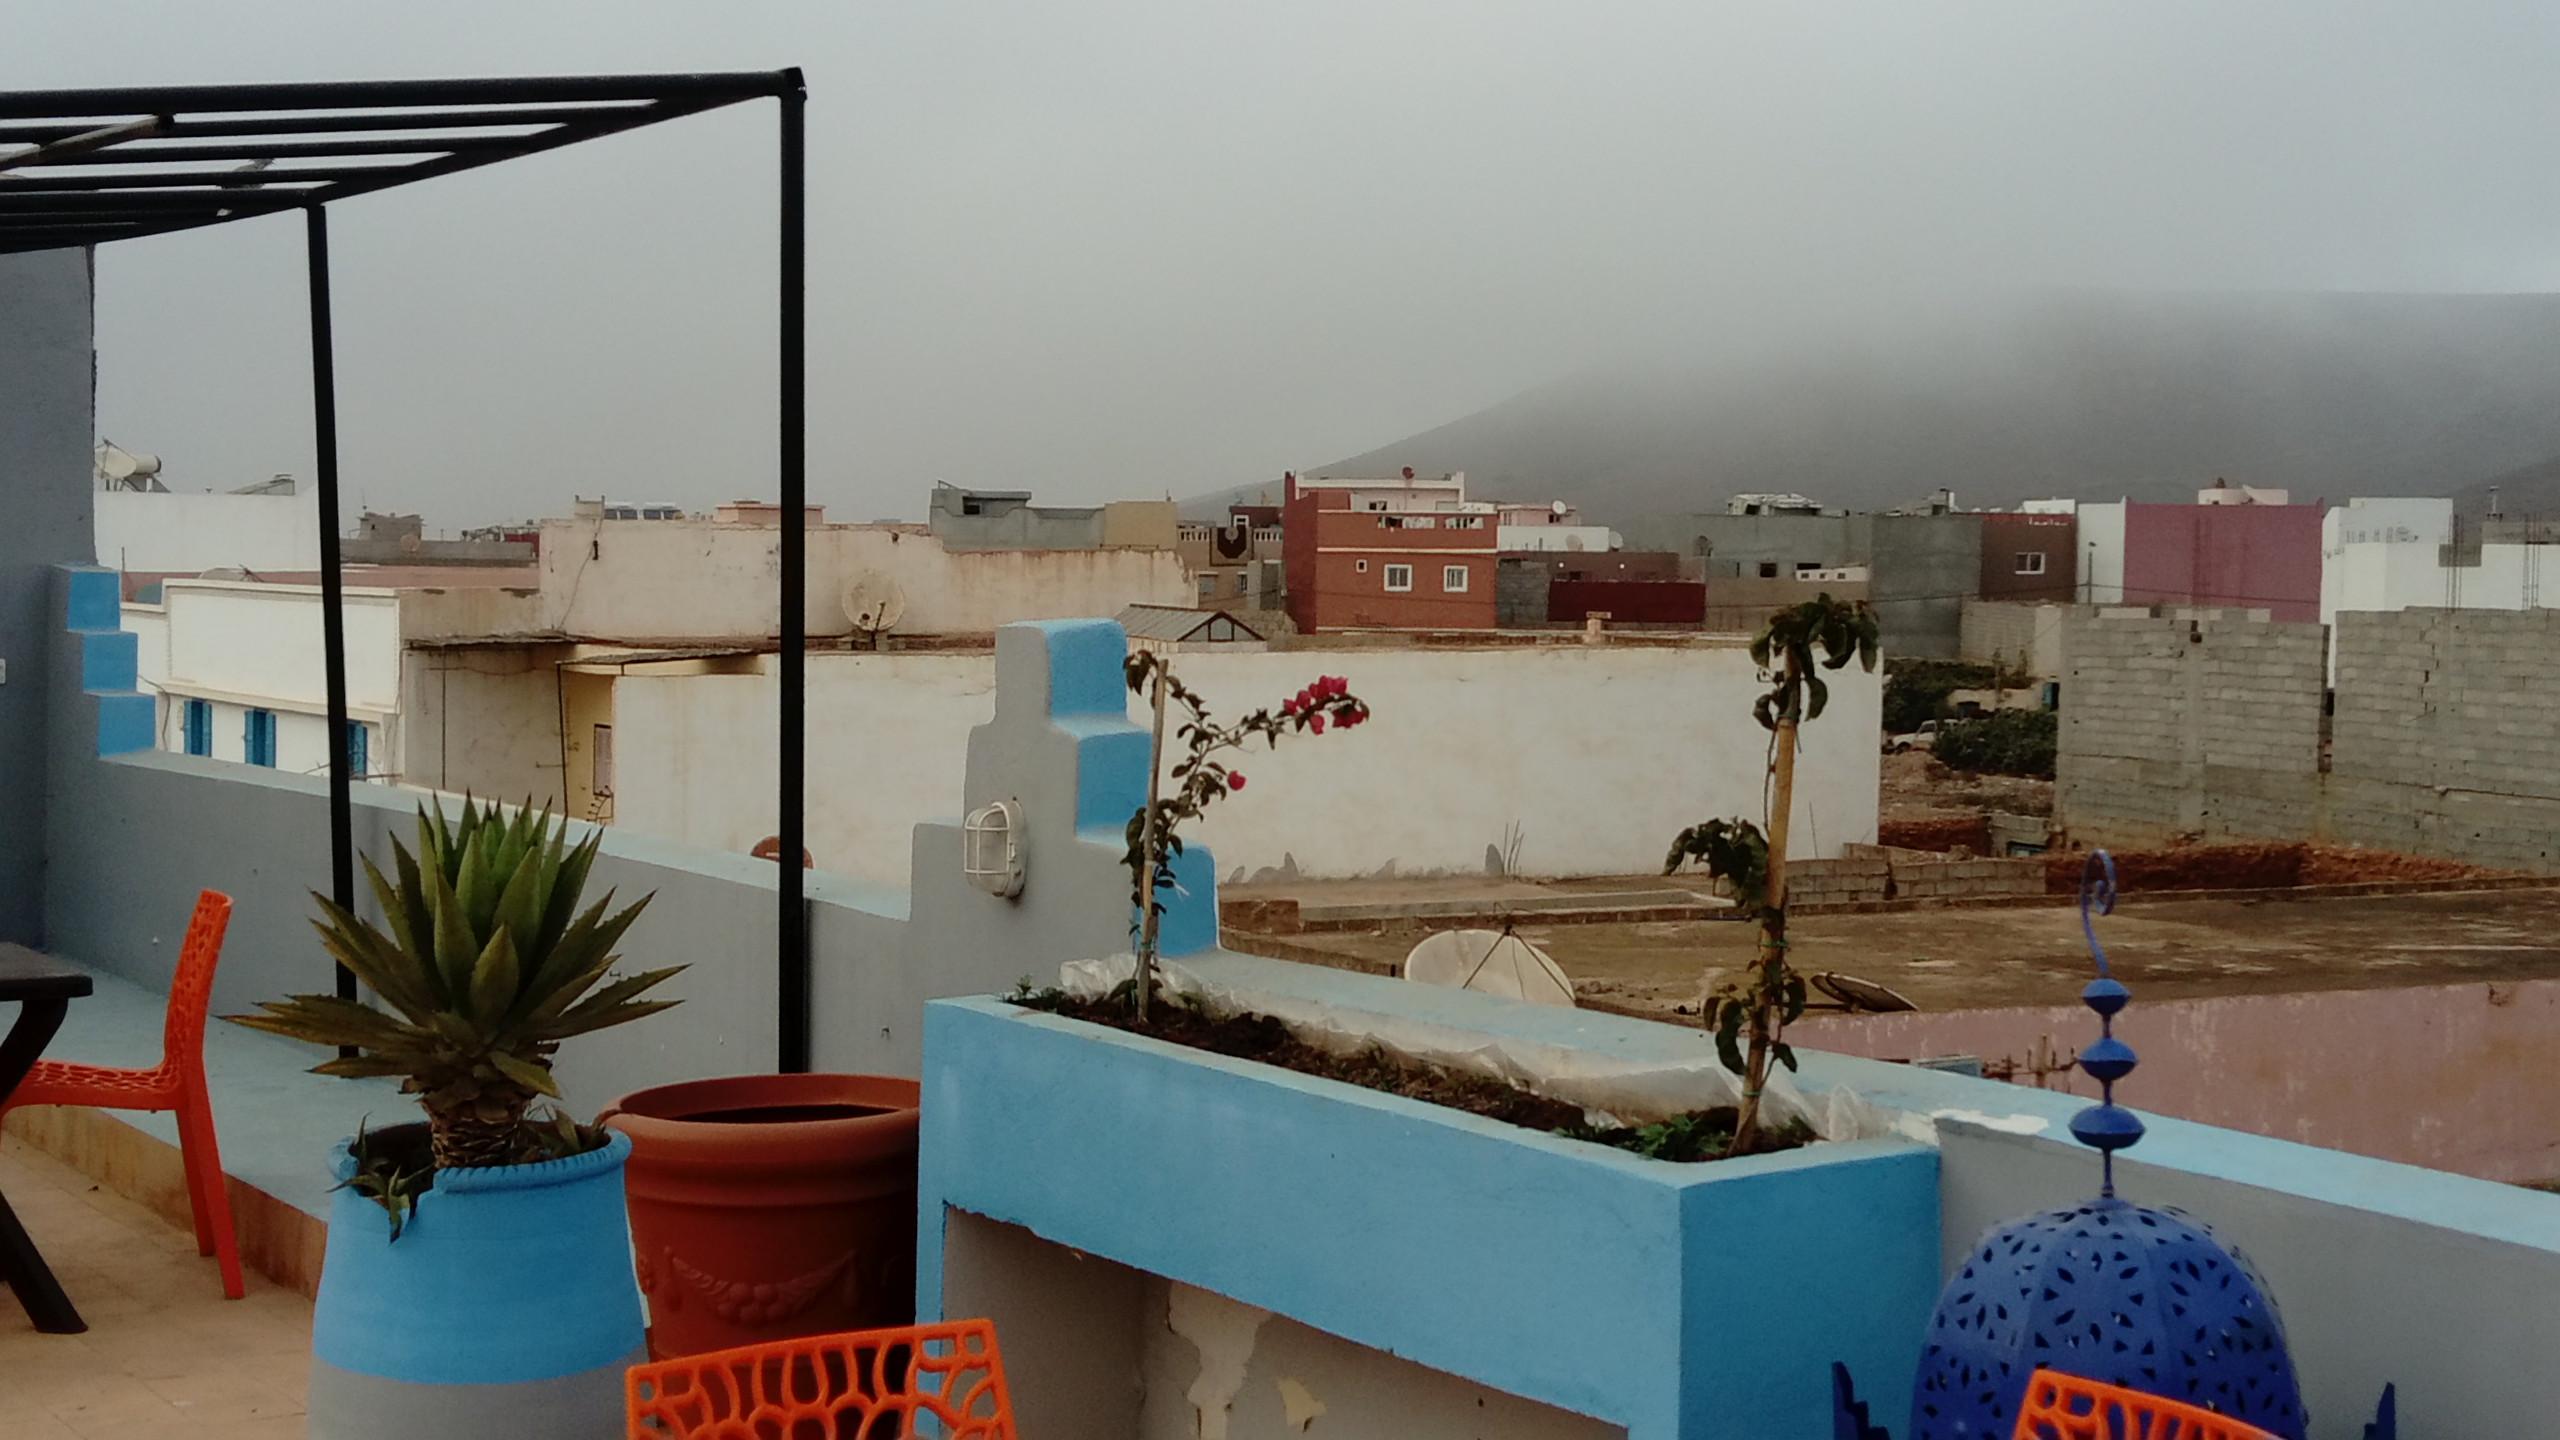 Séjour adapté Maroc aout 2018 (9)